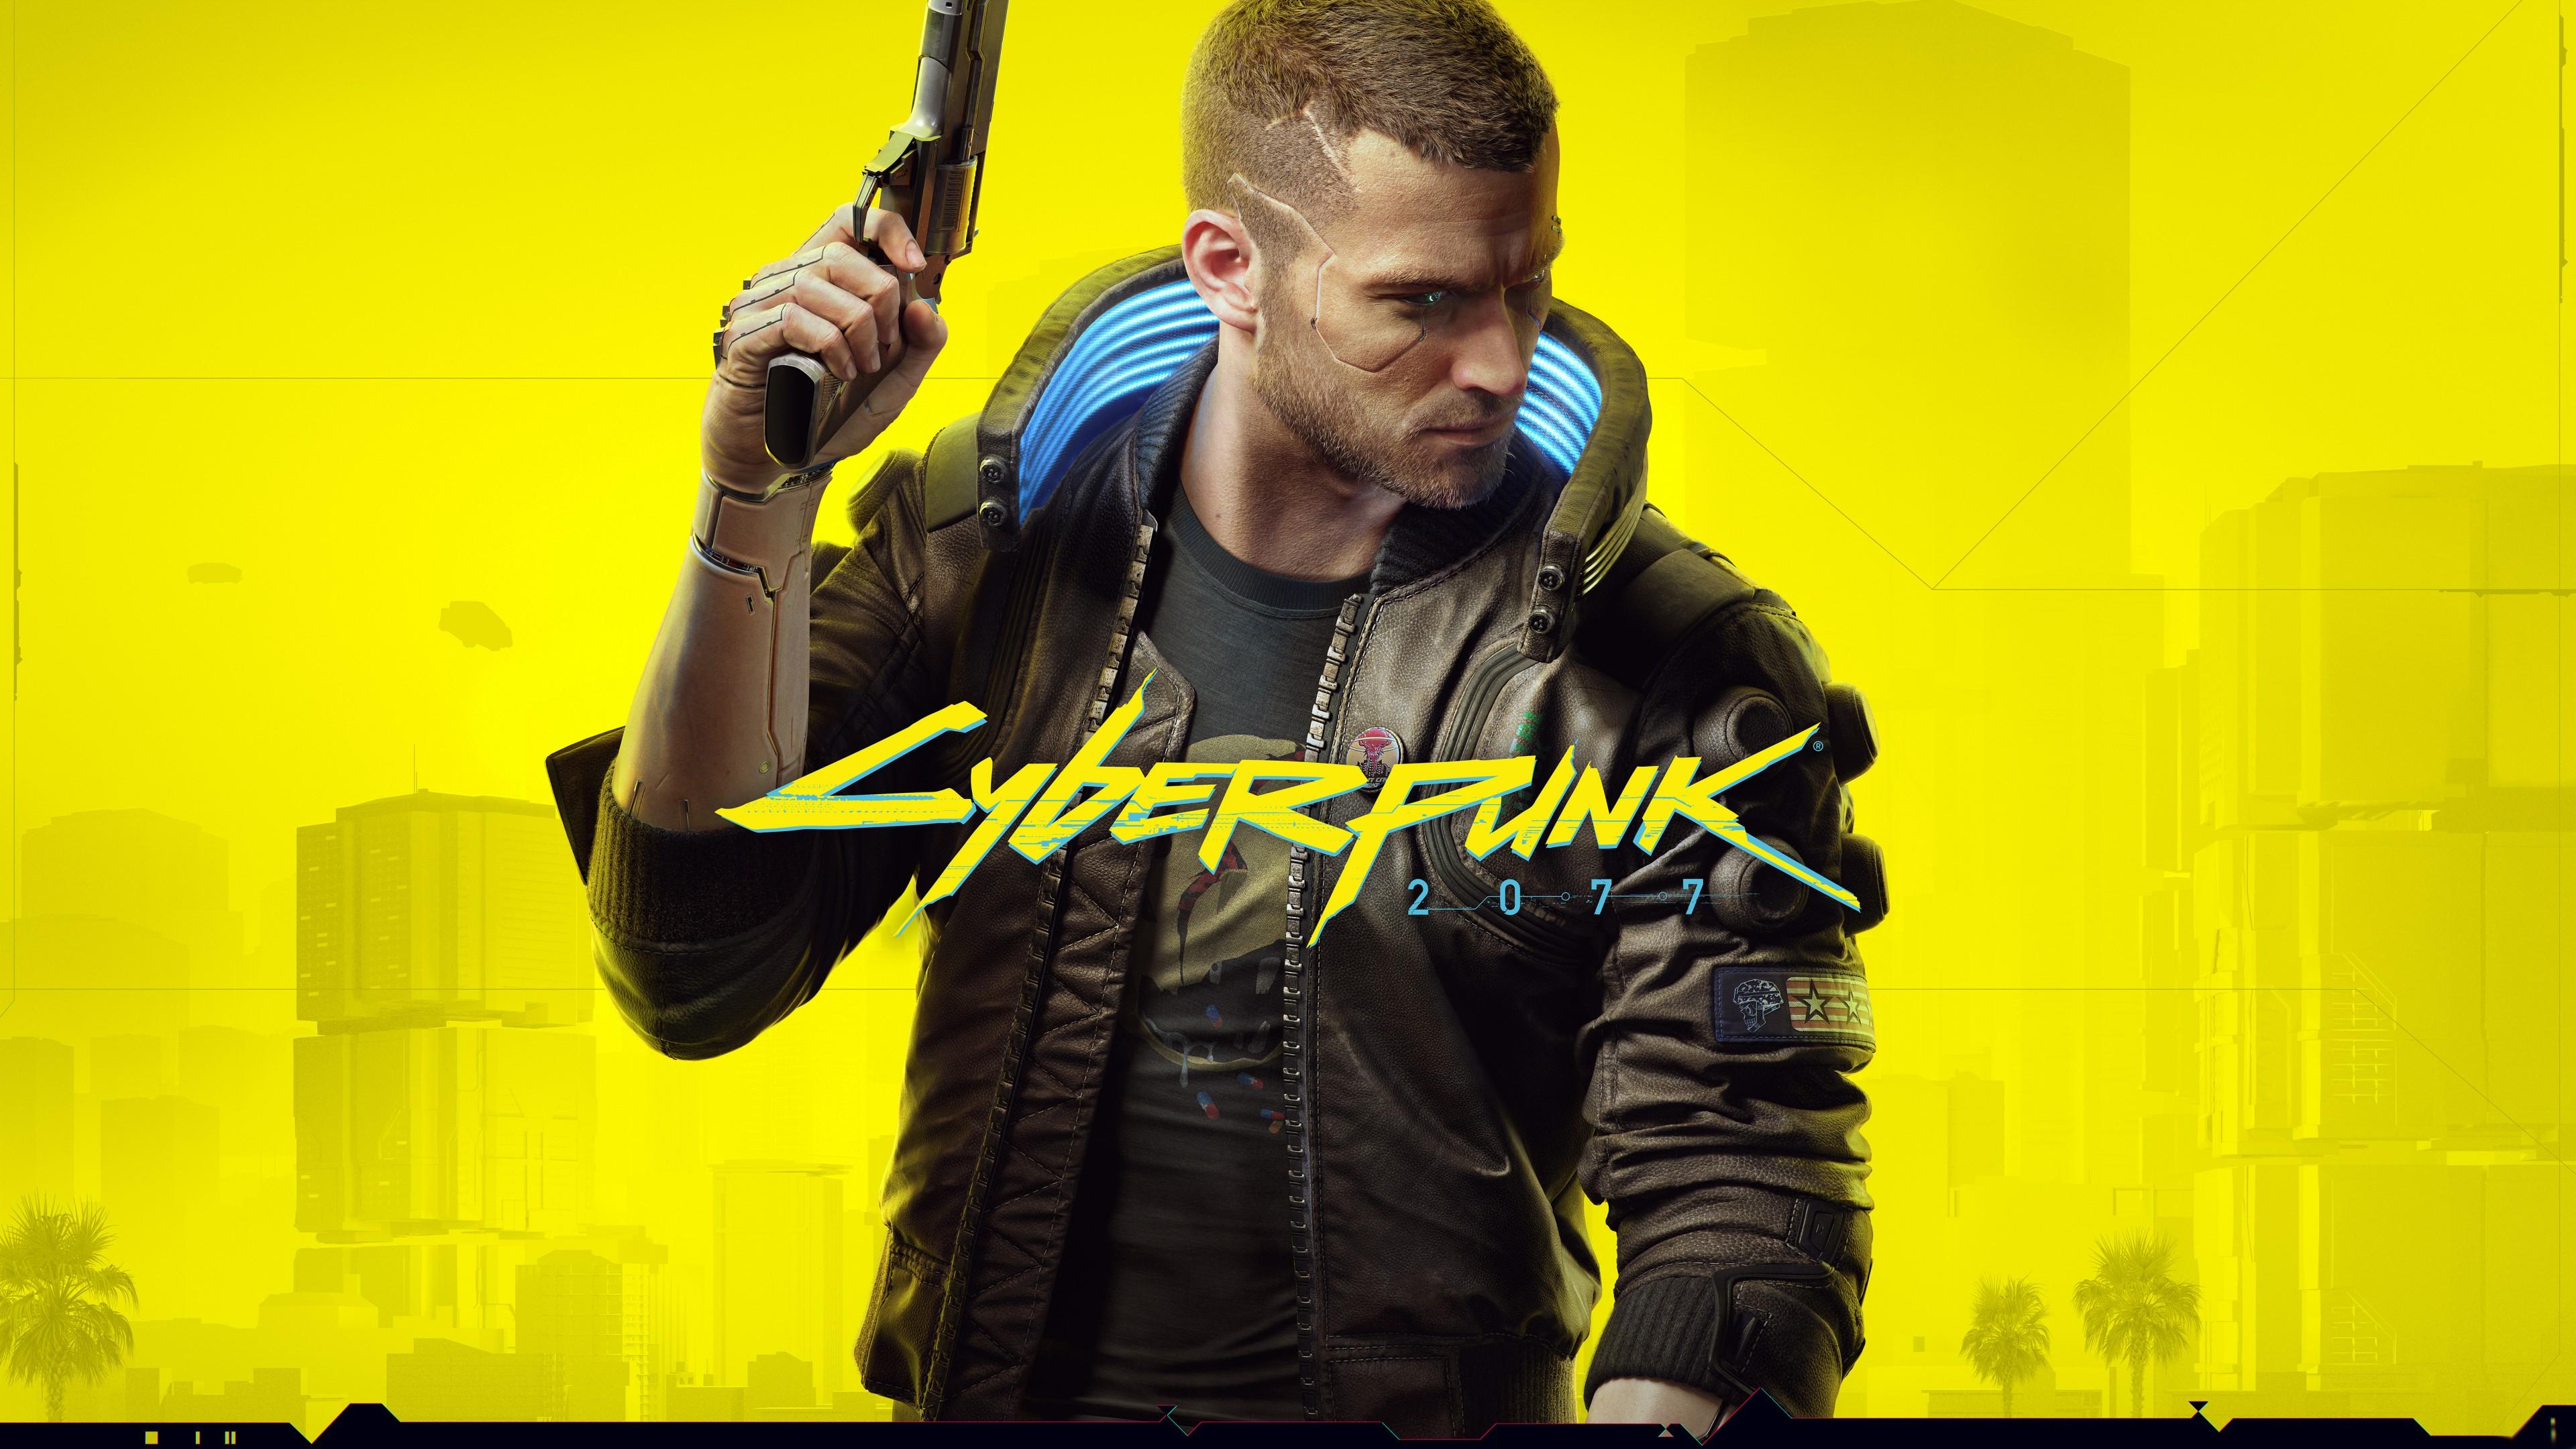 Cool Cars Games >> Wallpaper Cyberpunk 2077, E3 2019, poster, 5K, Games #21699